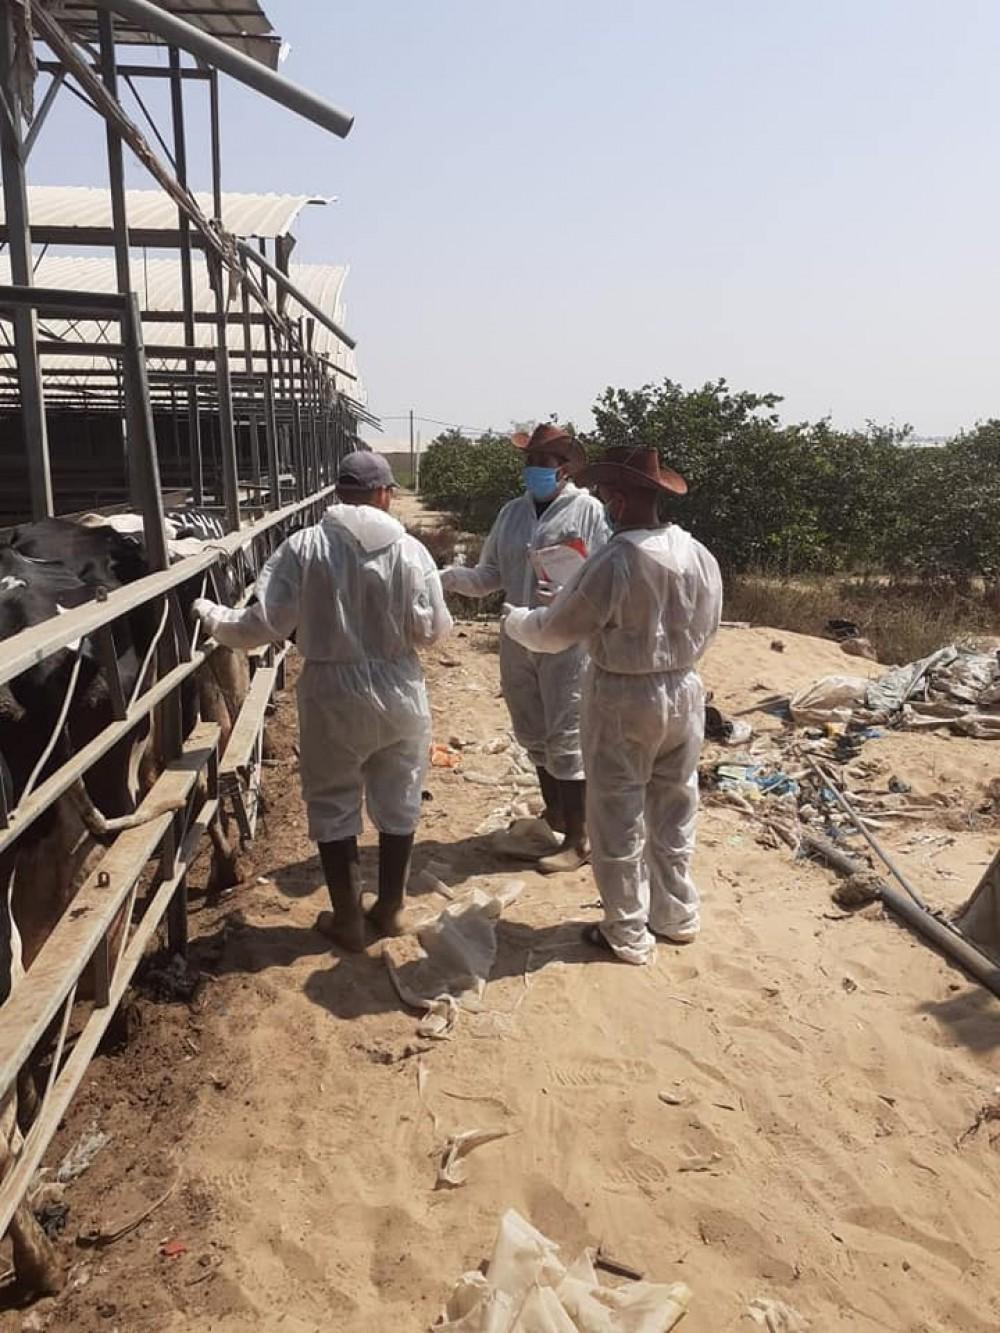 الزراعة: المحجر البيطري يستقبل (200) رأس من الأبقار لفحصها